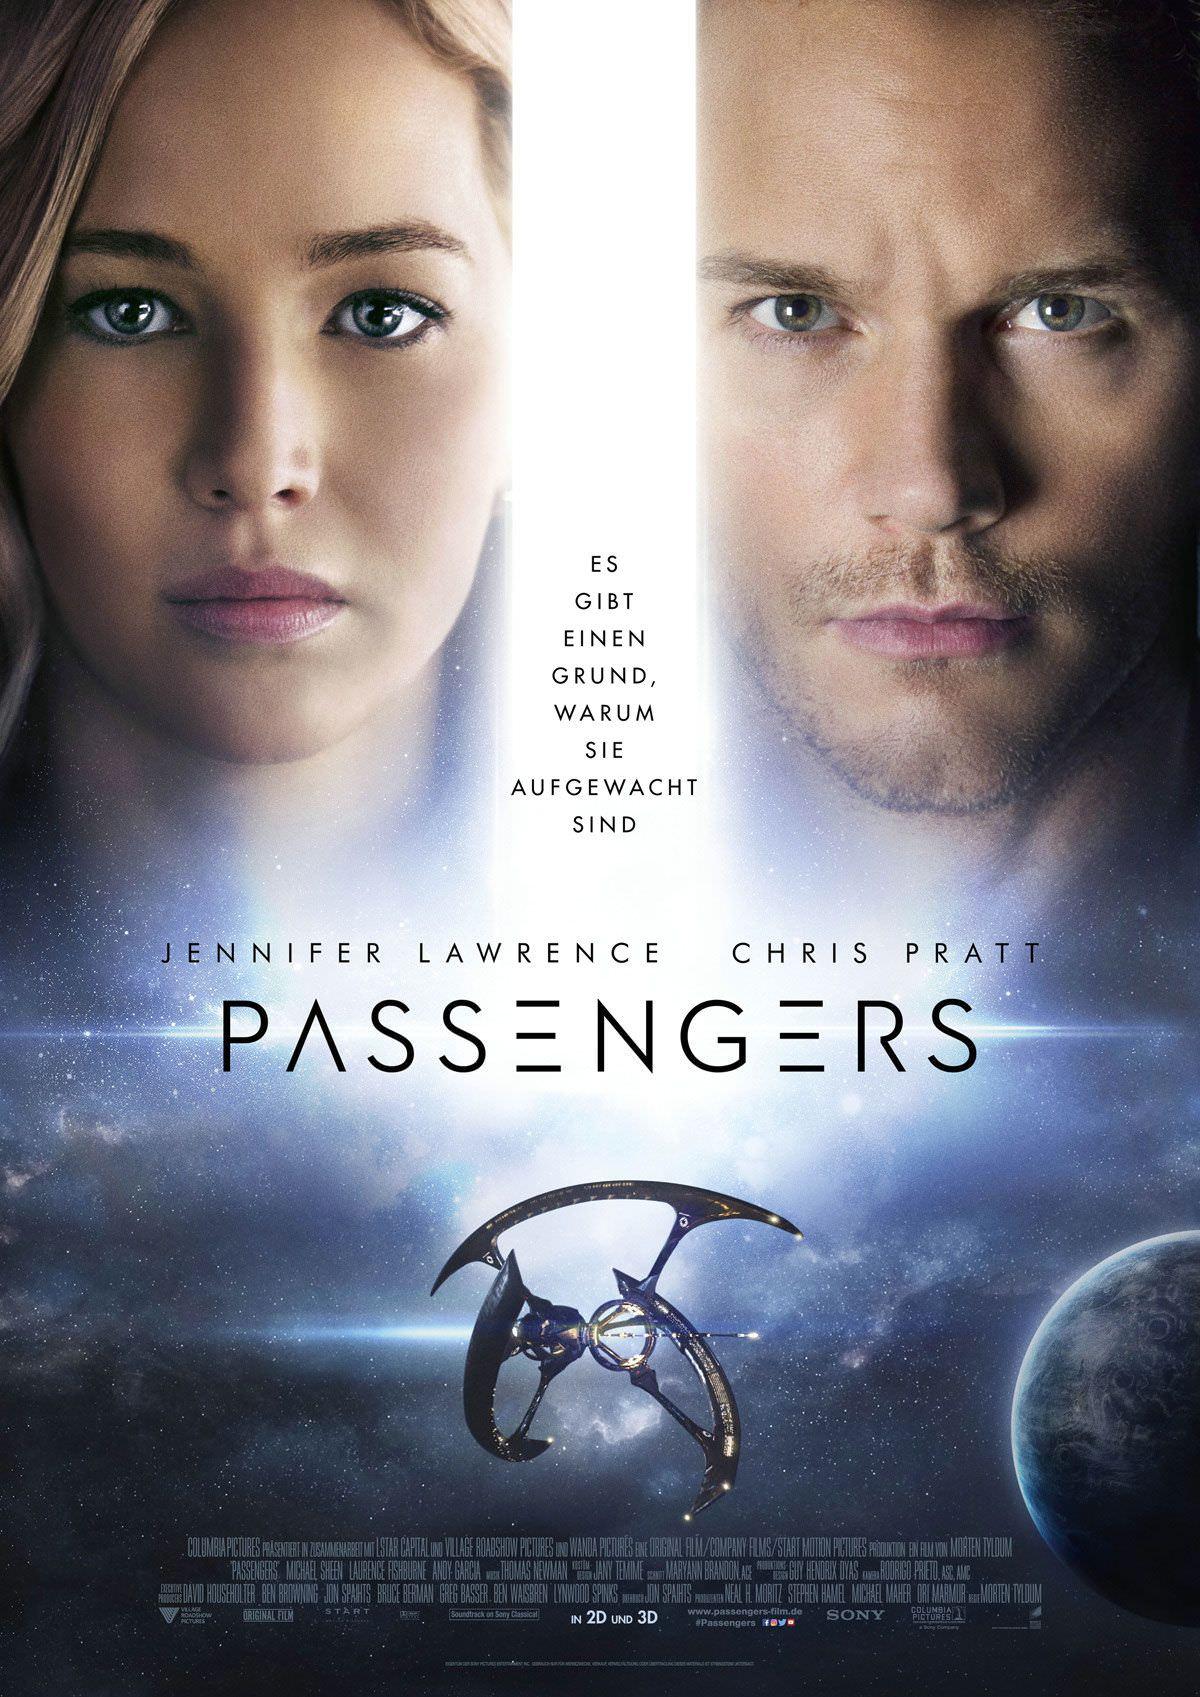 電影【星際過客】Passengers 句子整理